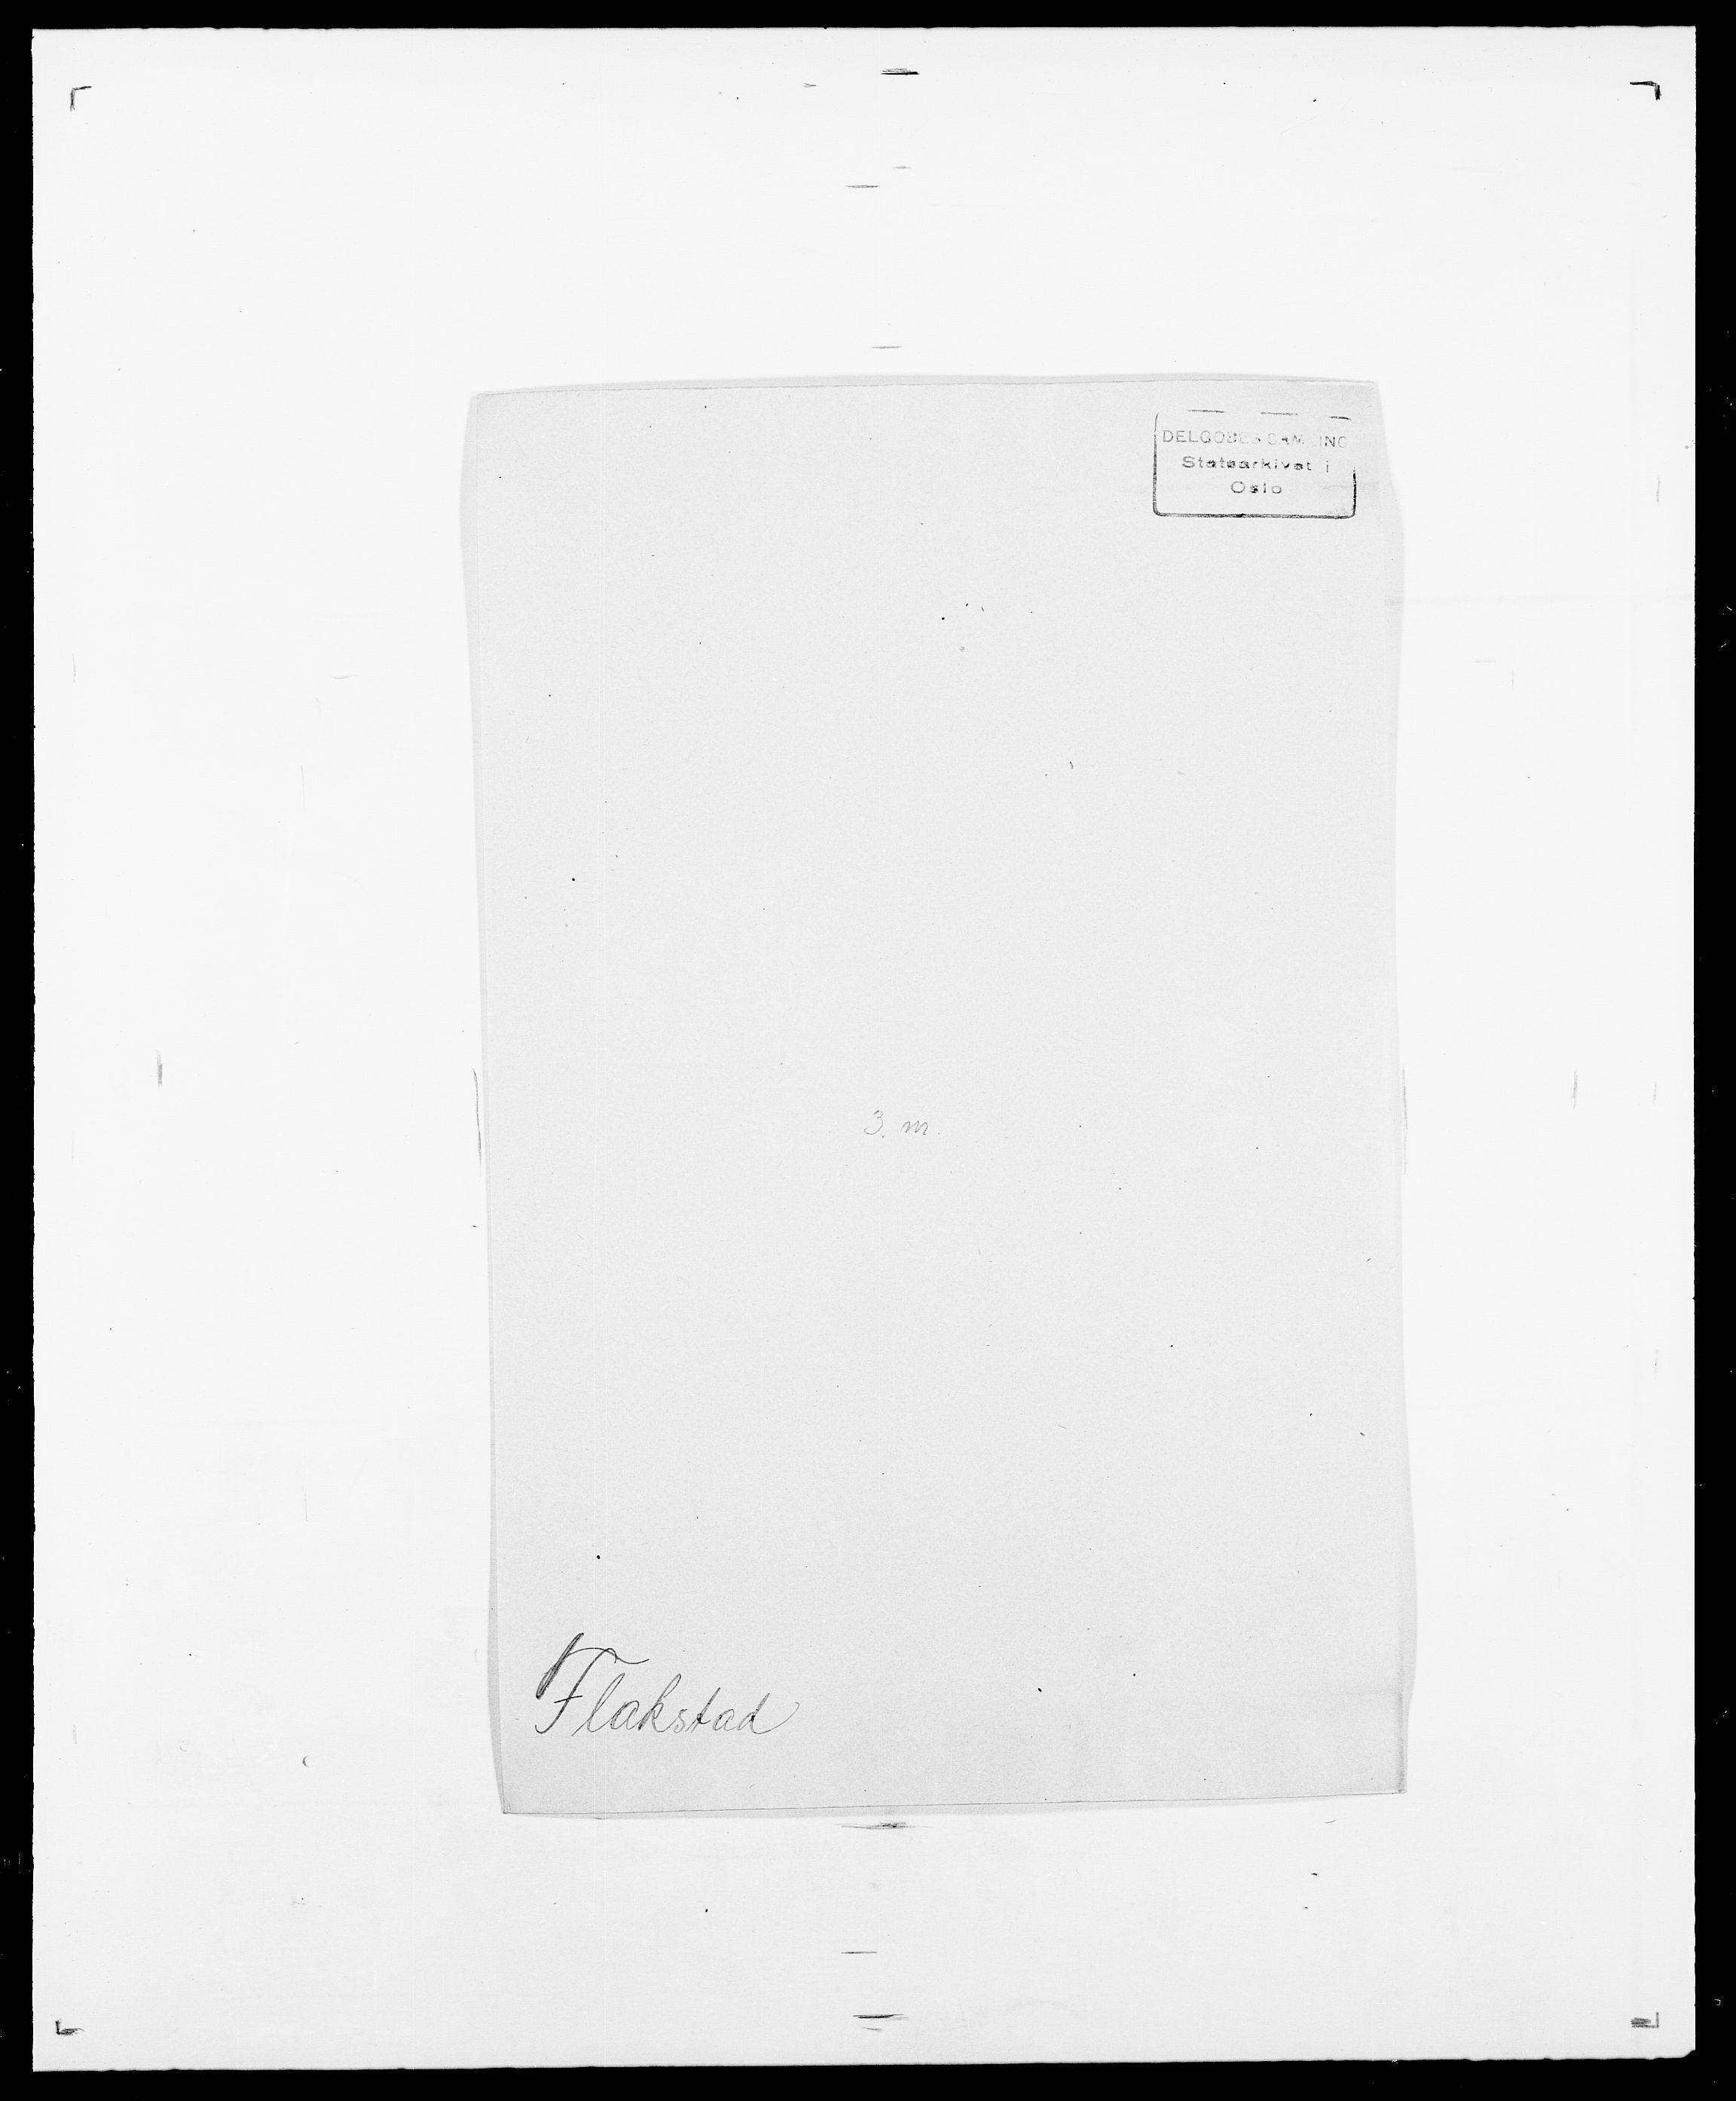 SAO, Delgobe, Charles Antoine - samling, D/Da/L0011: Fahlander - Flood, Flod, s. 571